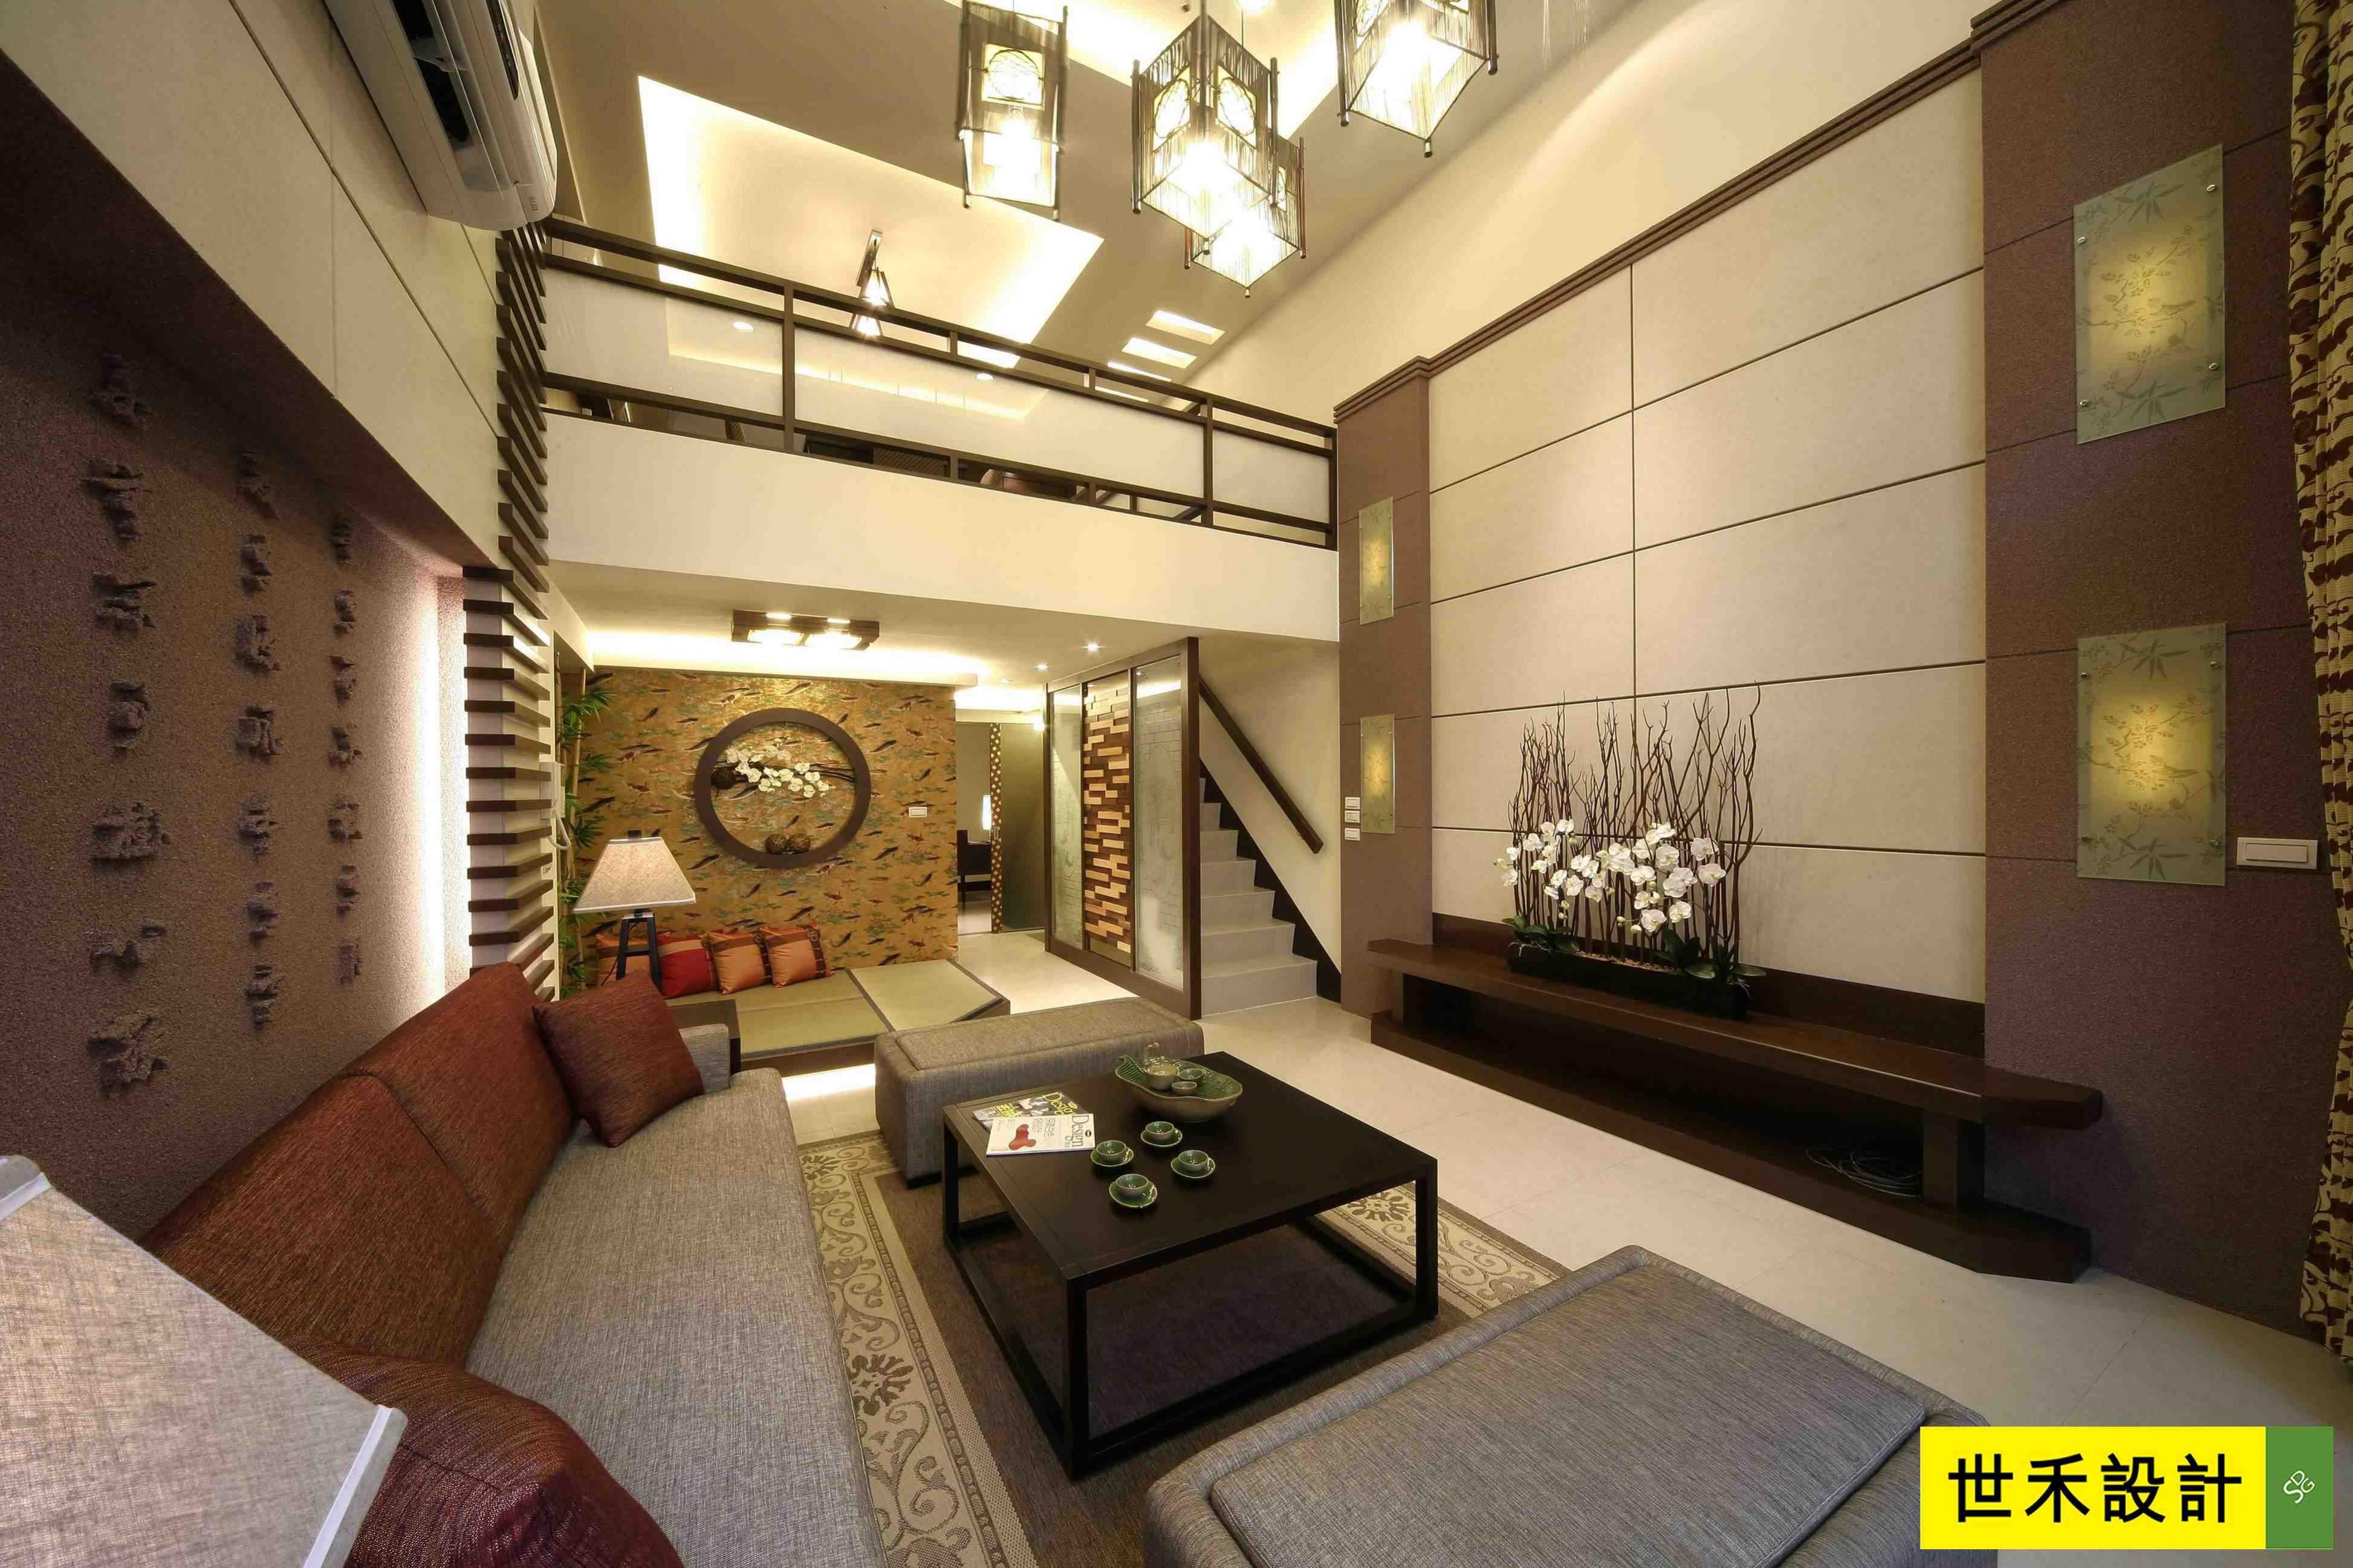 客厅(1)-电视墙的对称造型以及水泥板素材,正巧与背墙设计相呼应,产生